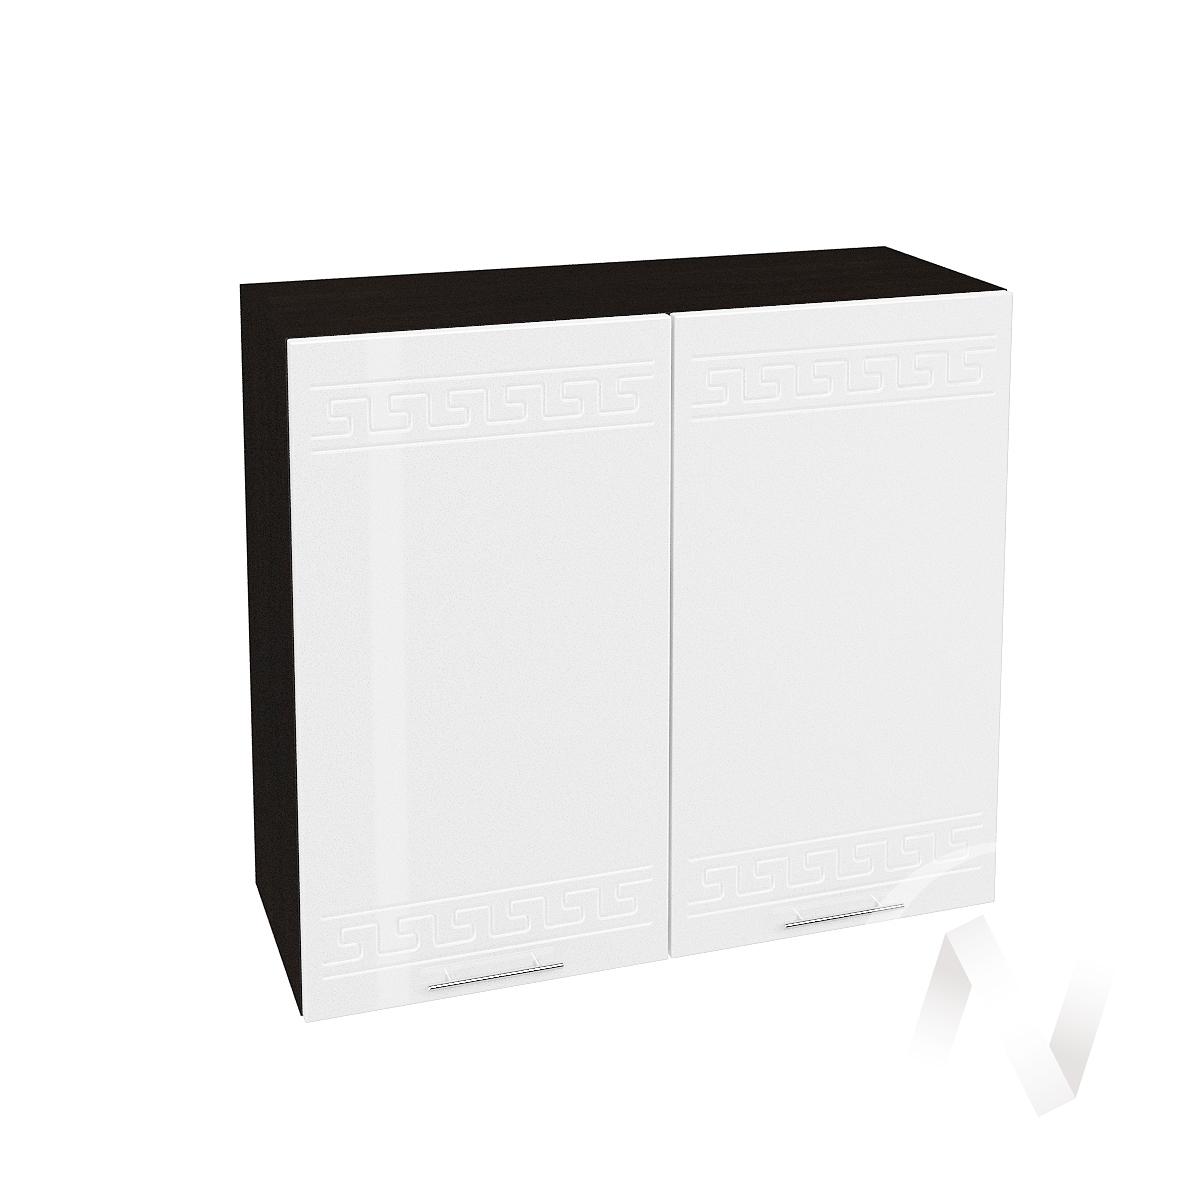 """Кухня """"Греция"""": Шкаф верхний 800, ШВ 800 новый (белый металлик/корпус венге)"""